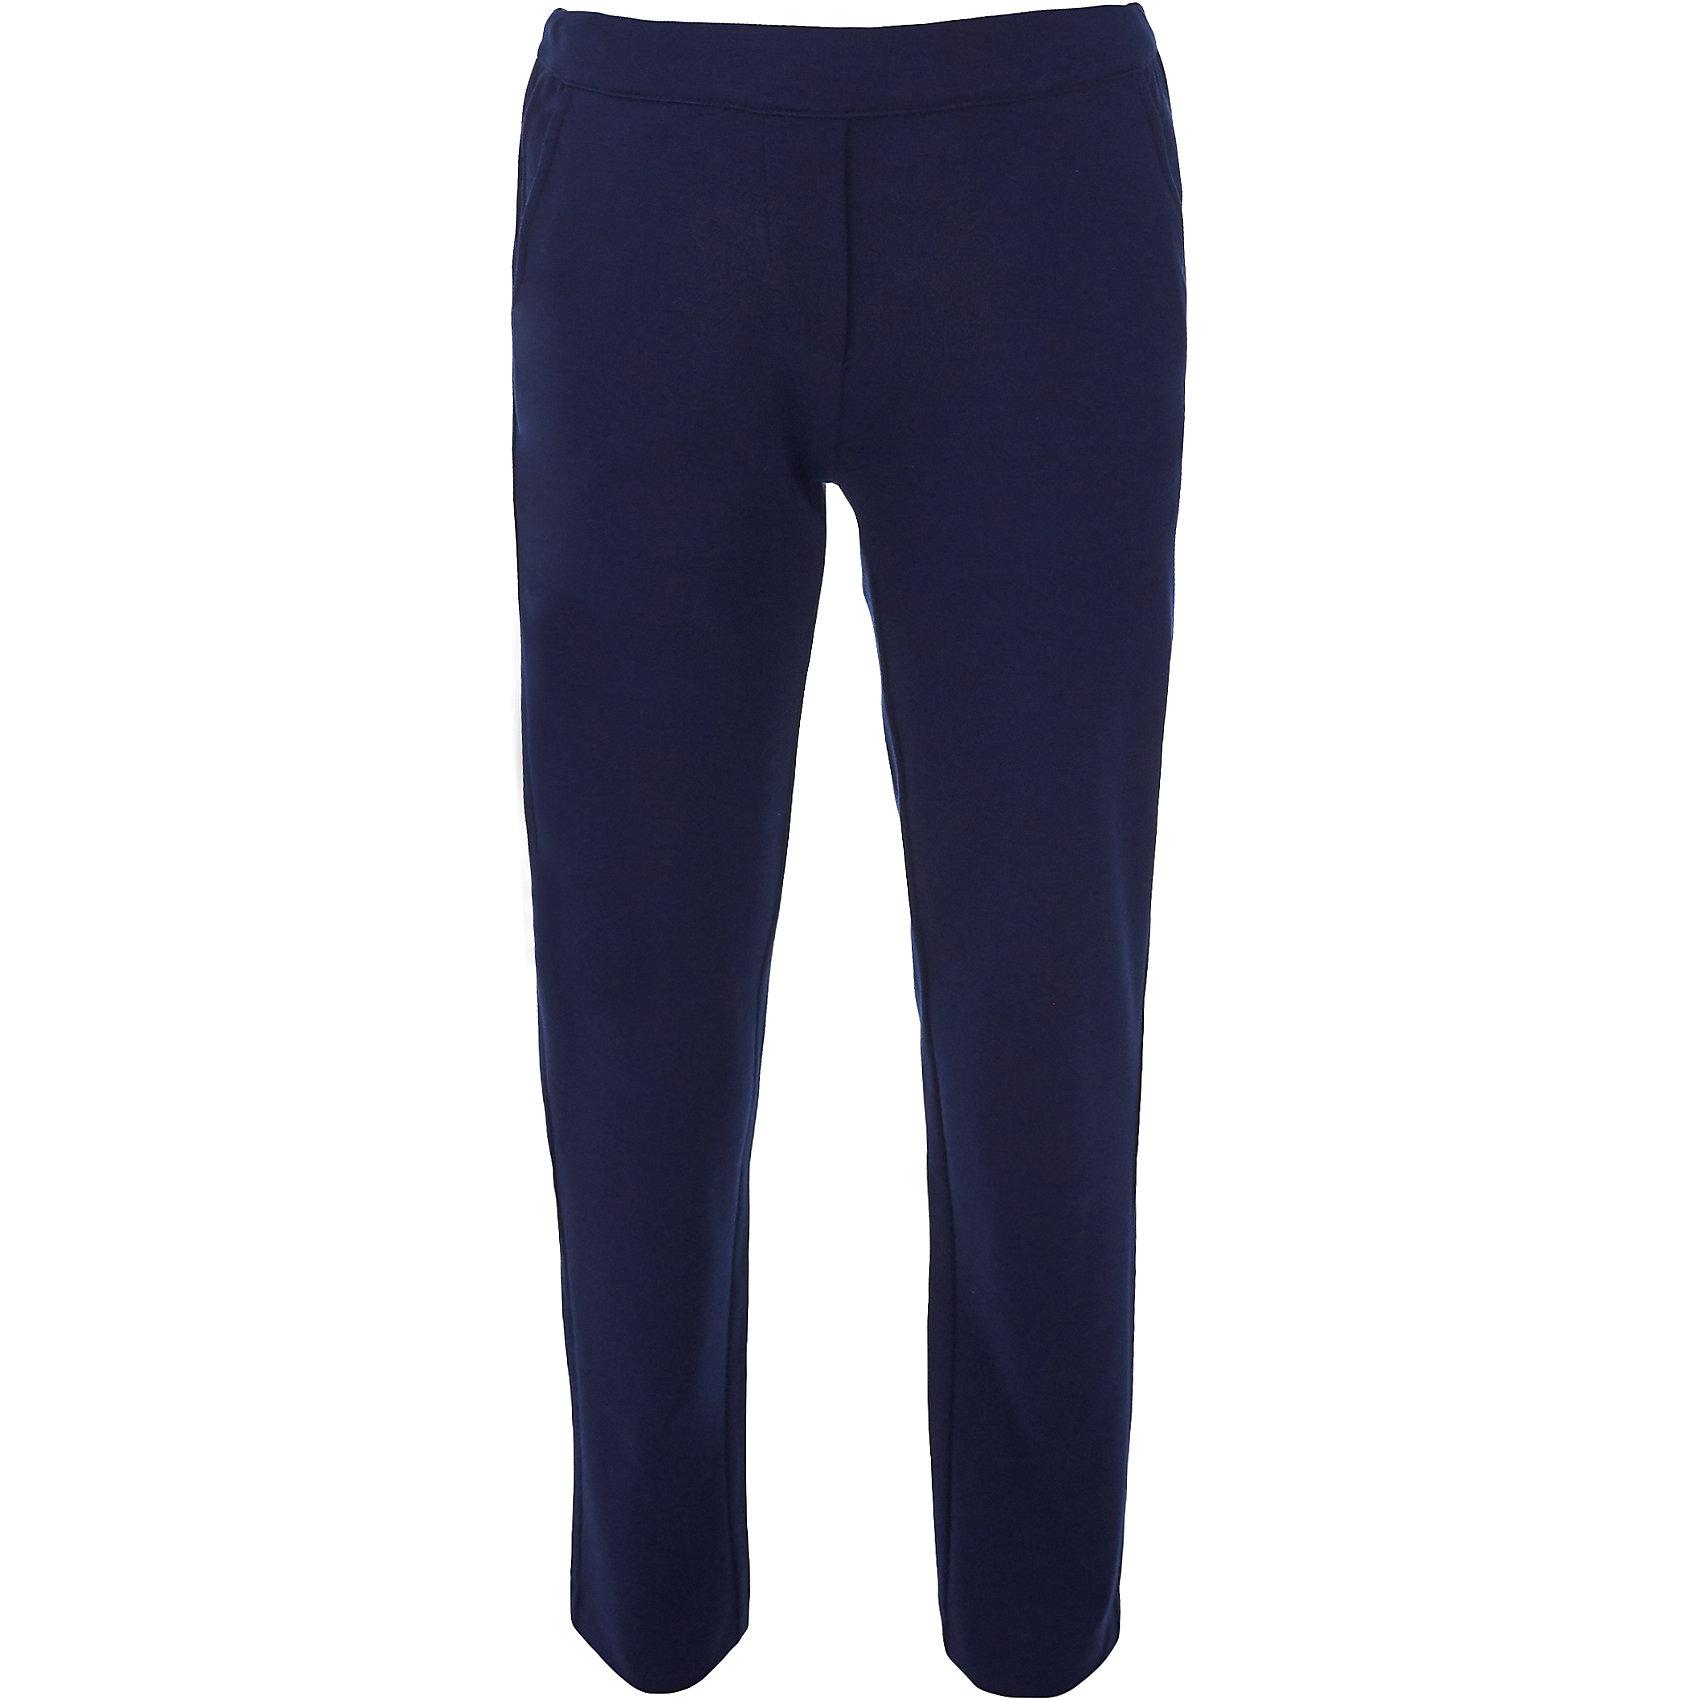 Брюки для девочки BUTTON BLUEБрюки<br>Брюки для девочки BUTTON BLUE<br>Какие брюки для девочек станут основой школьного гардероба? Те, кто уже носил брюки из плотного трикотажа знают: трикотажные школьные брюки - это элегантность, удобство и свобода движений. Купить синие школьные брюки от Button Blue, значит, обеспечить ребенку повседневный комфорт.<br>Состав:<br>75% полиэстер, 21% вискоза,             4% эластан<br><br>Ширина мм: 215<br>Глубина мм: 88<br>Высота мм: 191<br>Вес г: 336<br>Цвет: синий<br>Возраст от месяцев: 144<br>Возраст до месяцев: 156<br>Пол: Женский<br>Возраст: Детский<br>Размер: 158,164,122,128,134,140,146,152<br>SKU: 6739465